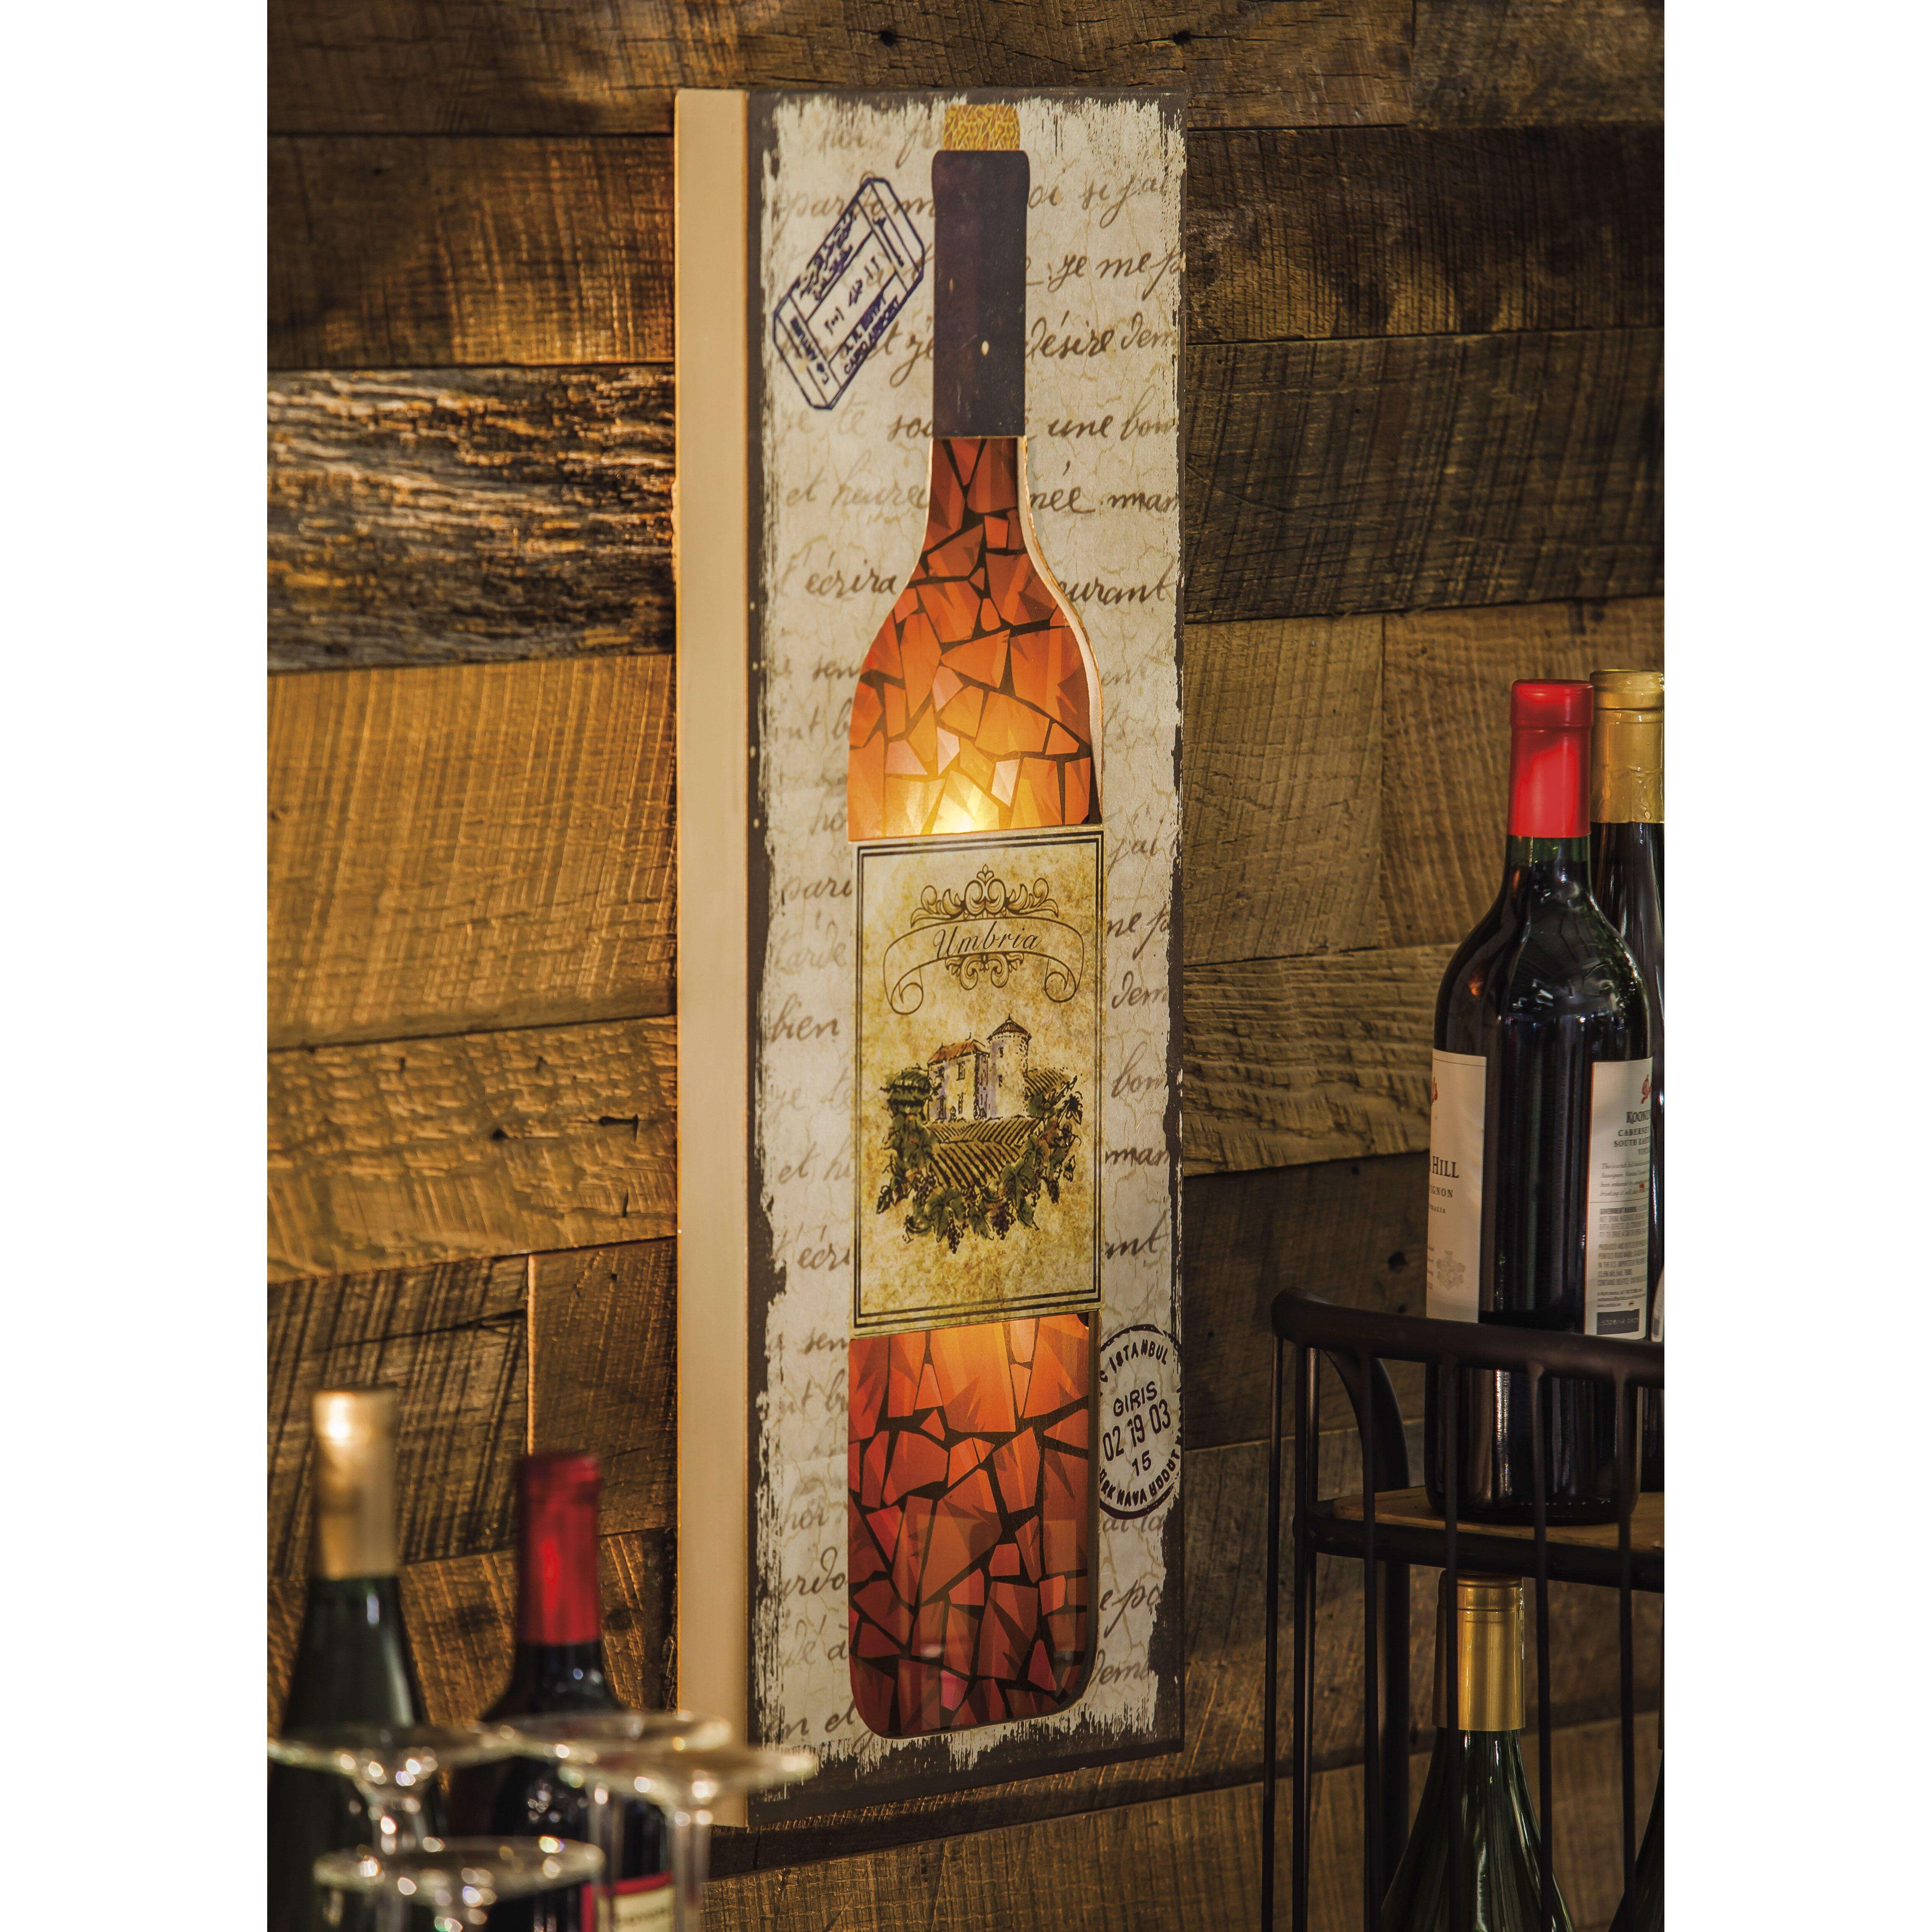 Evergreen enterprises inc wine bottle wall d cor for Wall decor wine bottles